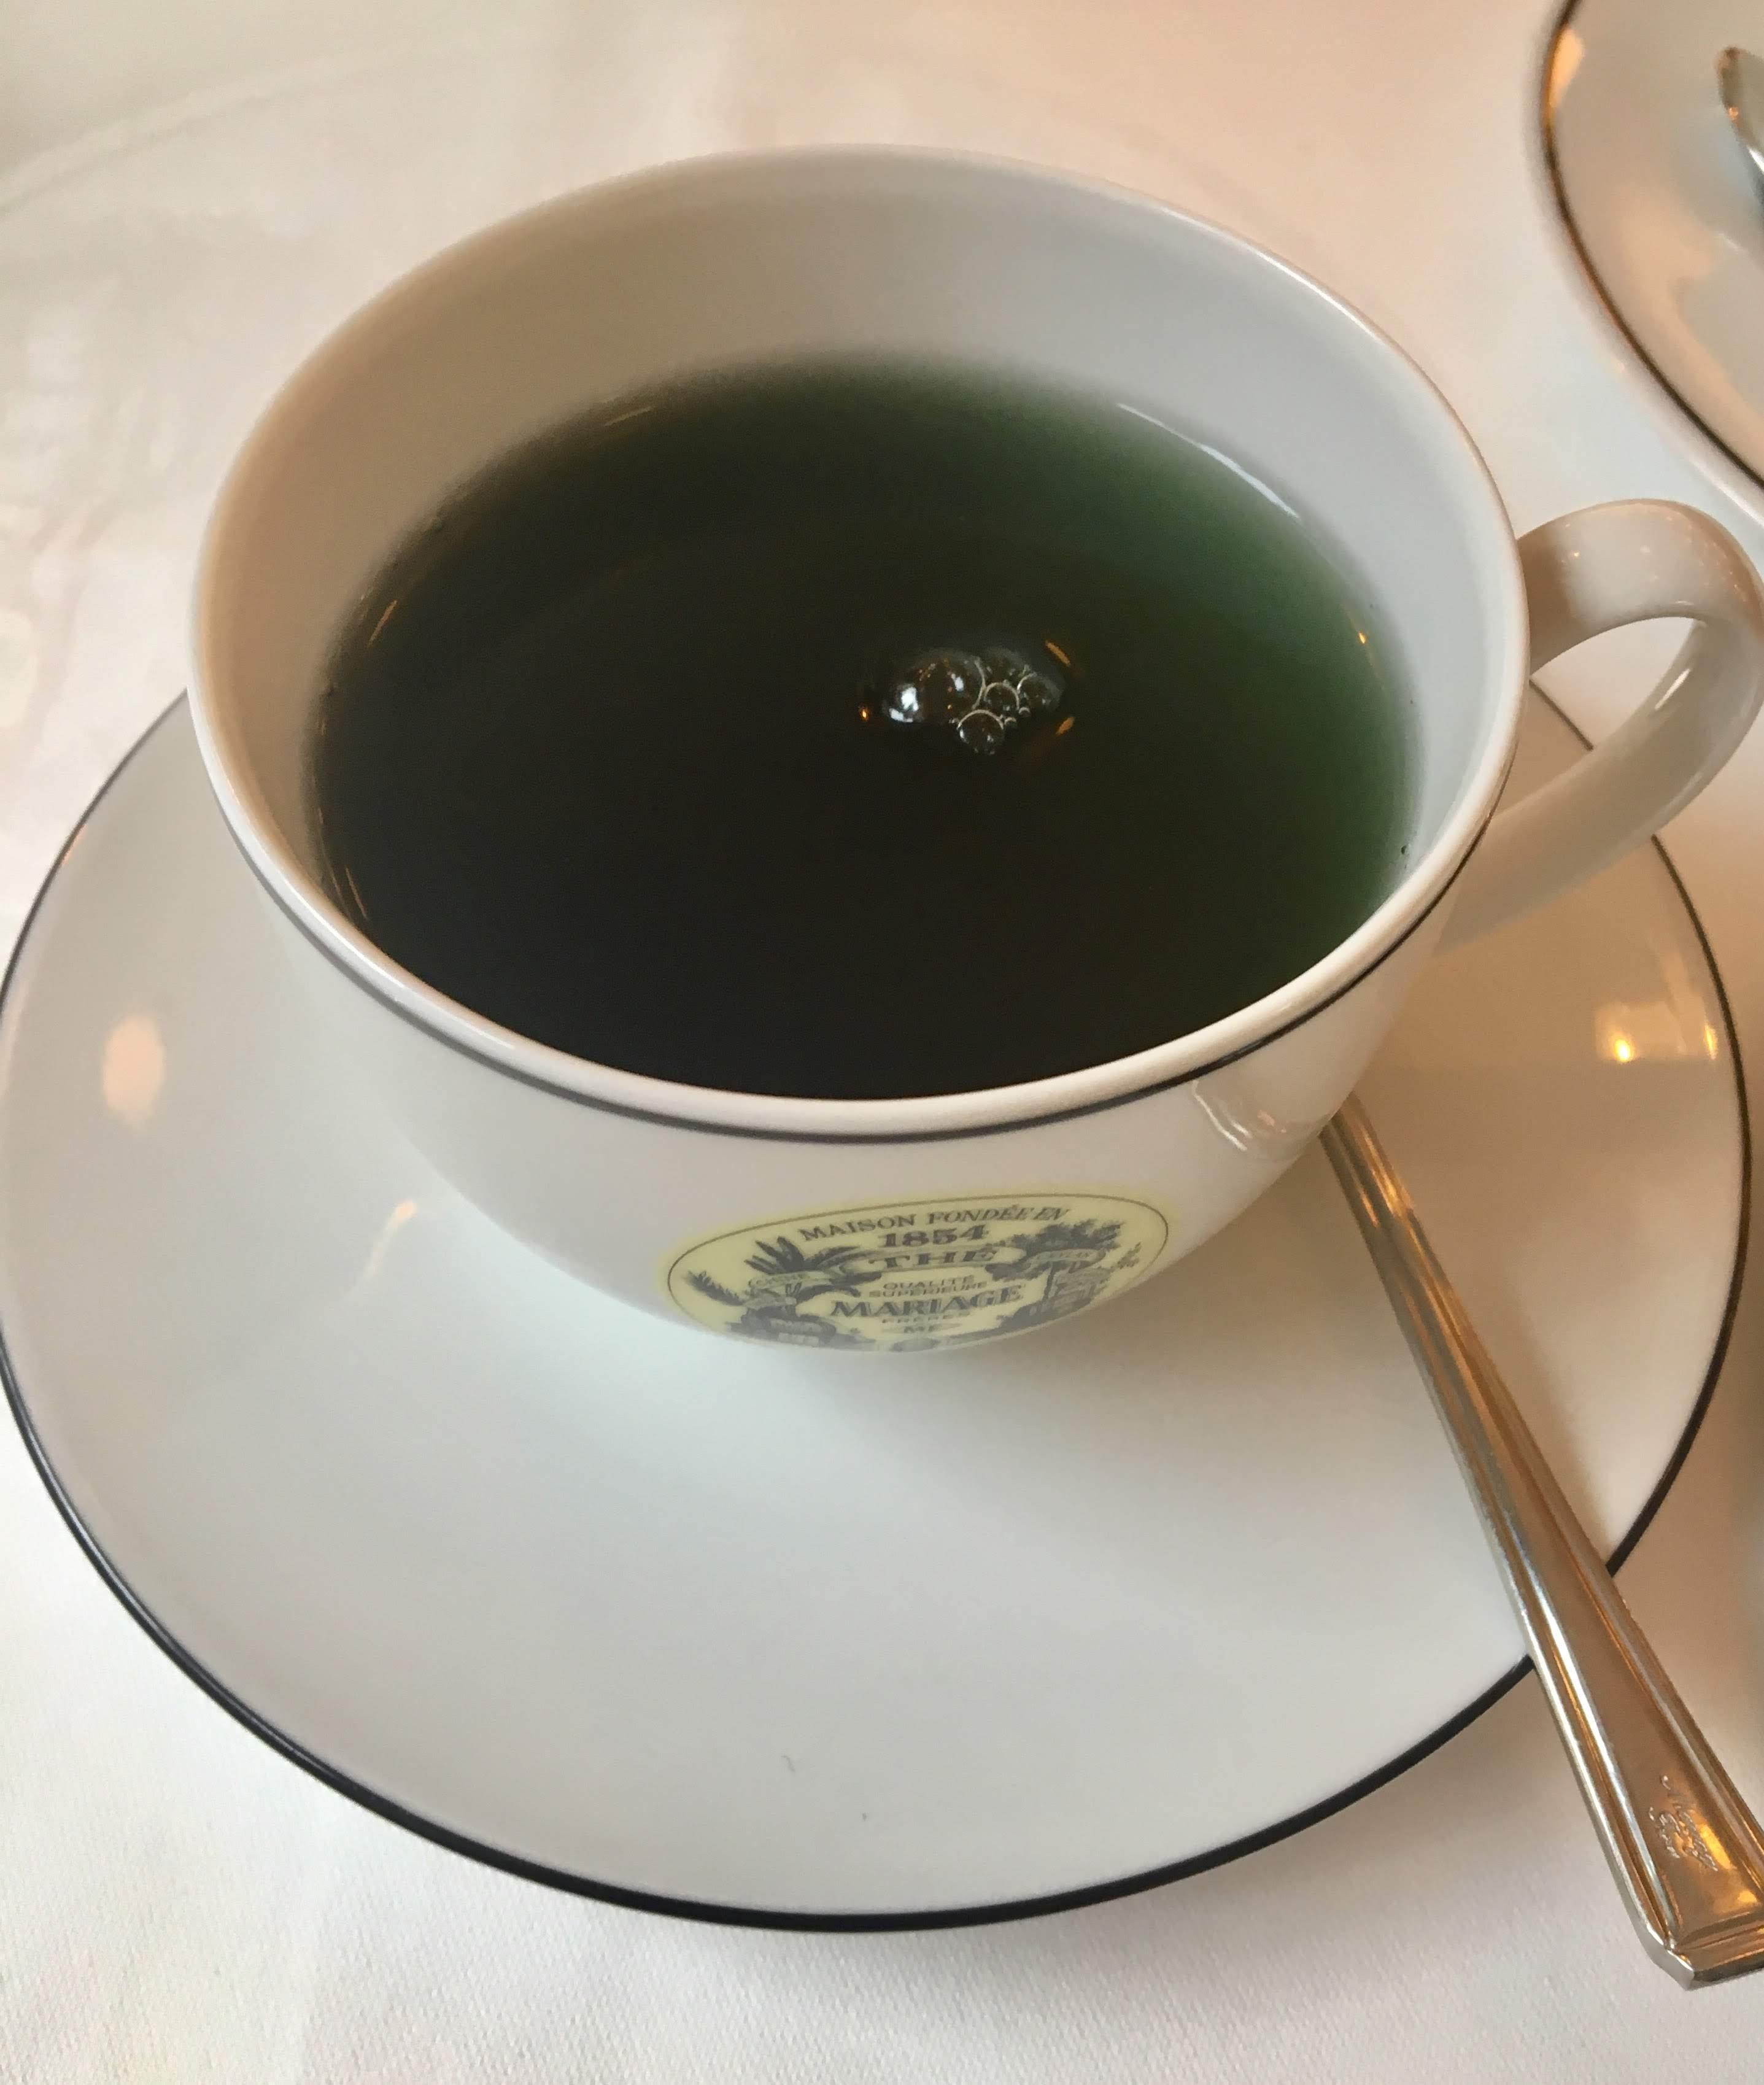 Mariage Frères - Opera Blue tea